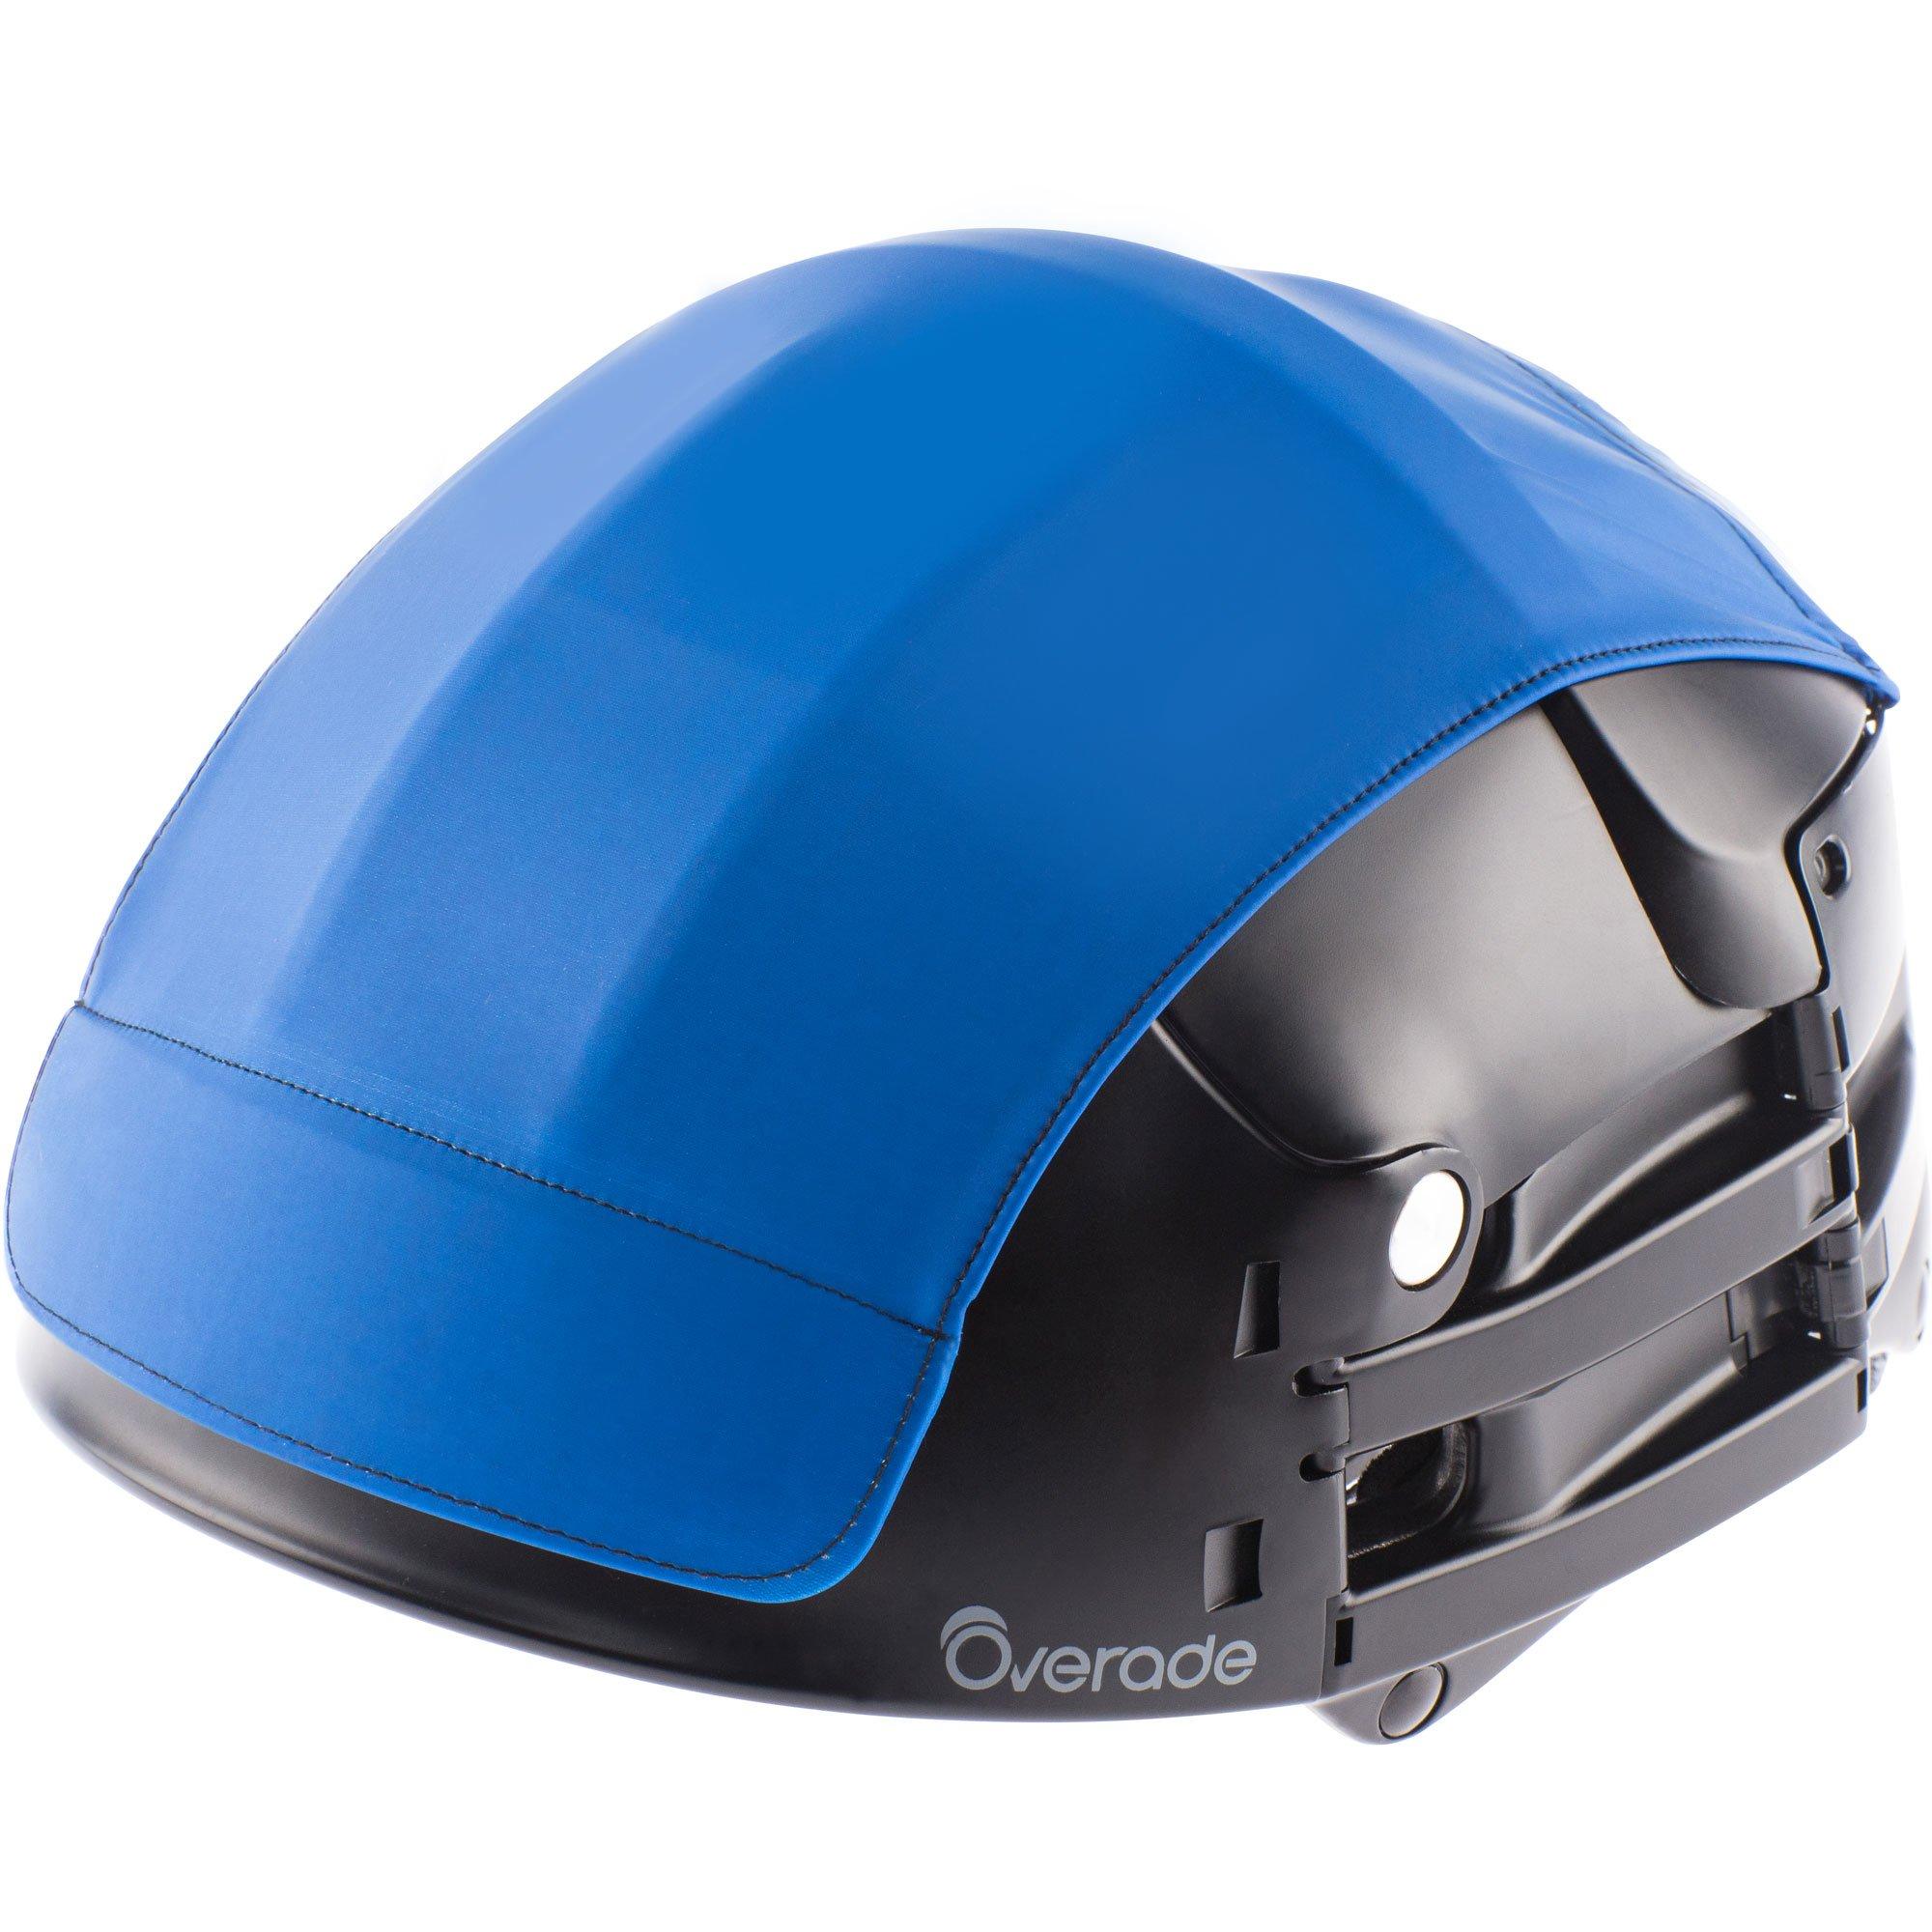 Overade Plixi L-XL cover, blå